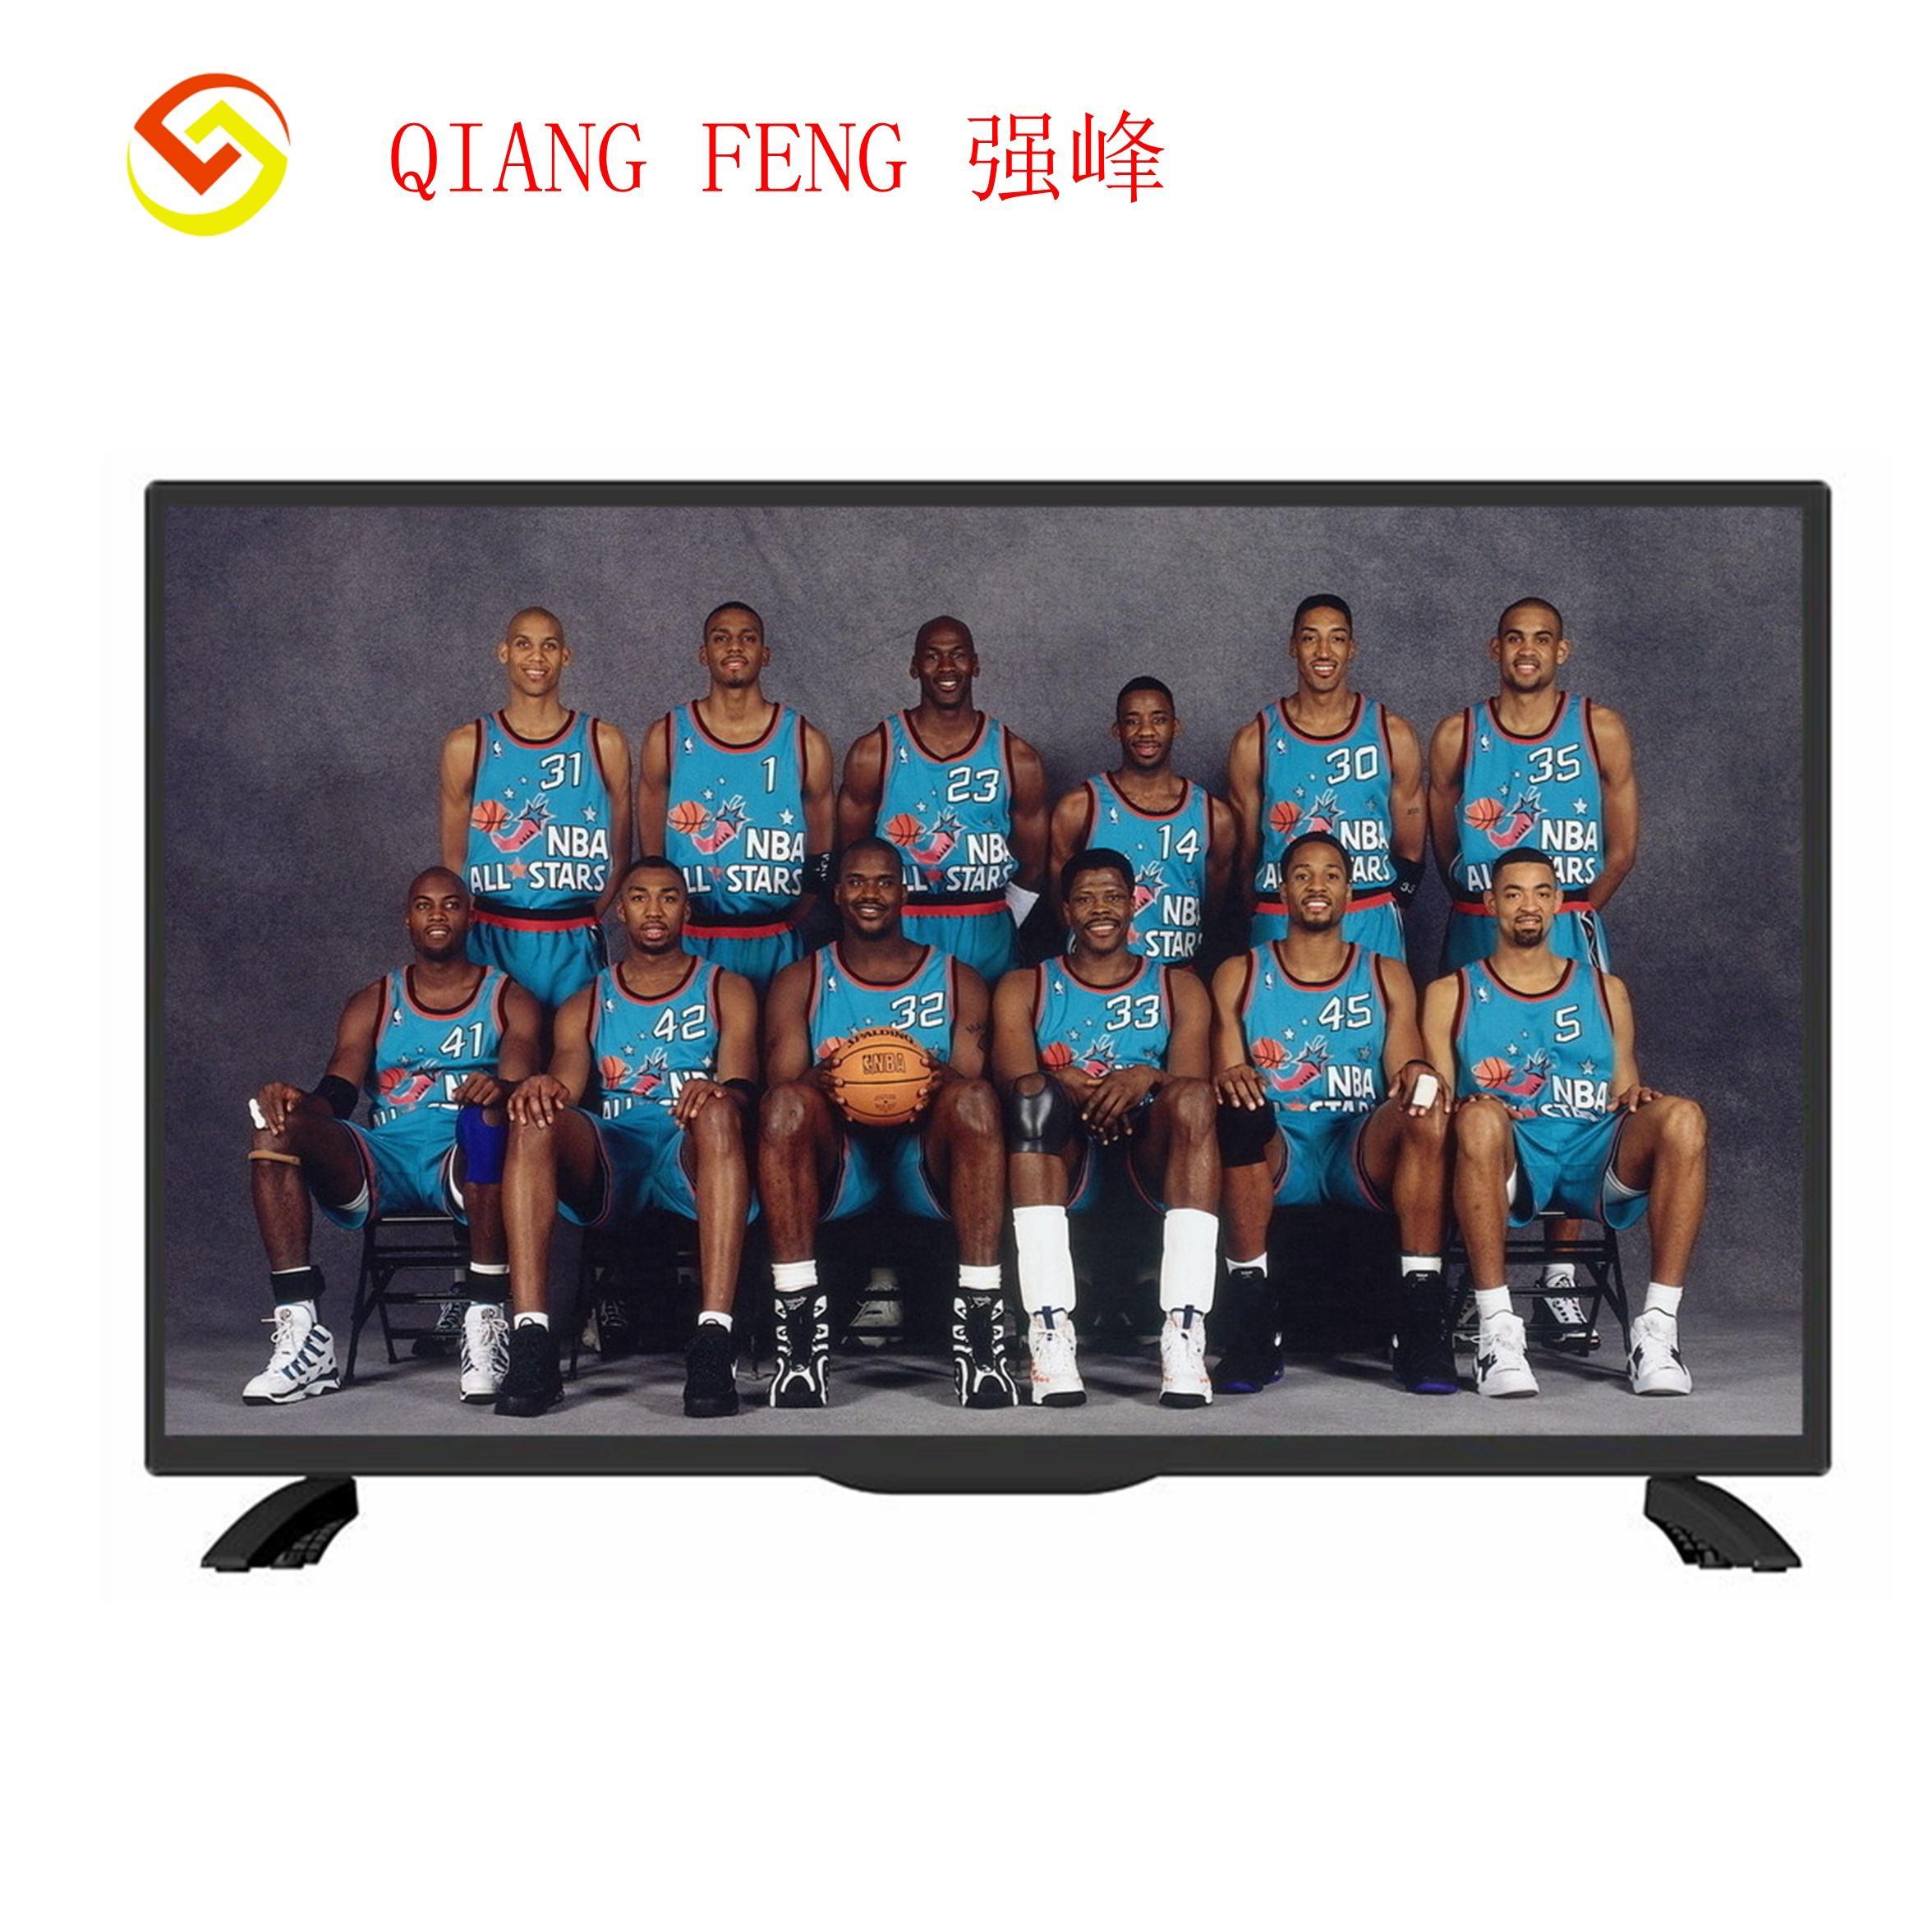 32 بوصة الذكية الروبوت LED TV دون الزجاج نموذج 1080 P HD التلفزيون نموذج جديد الصين معبد الزجاج تلفزيون بشاشة إل سي دي SKD كد